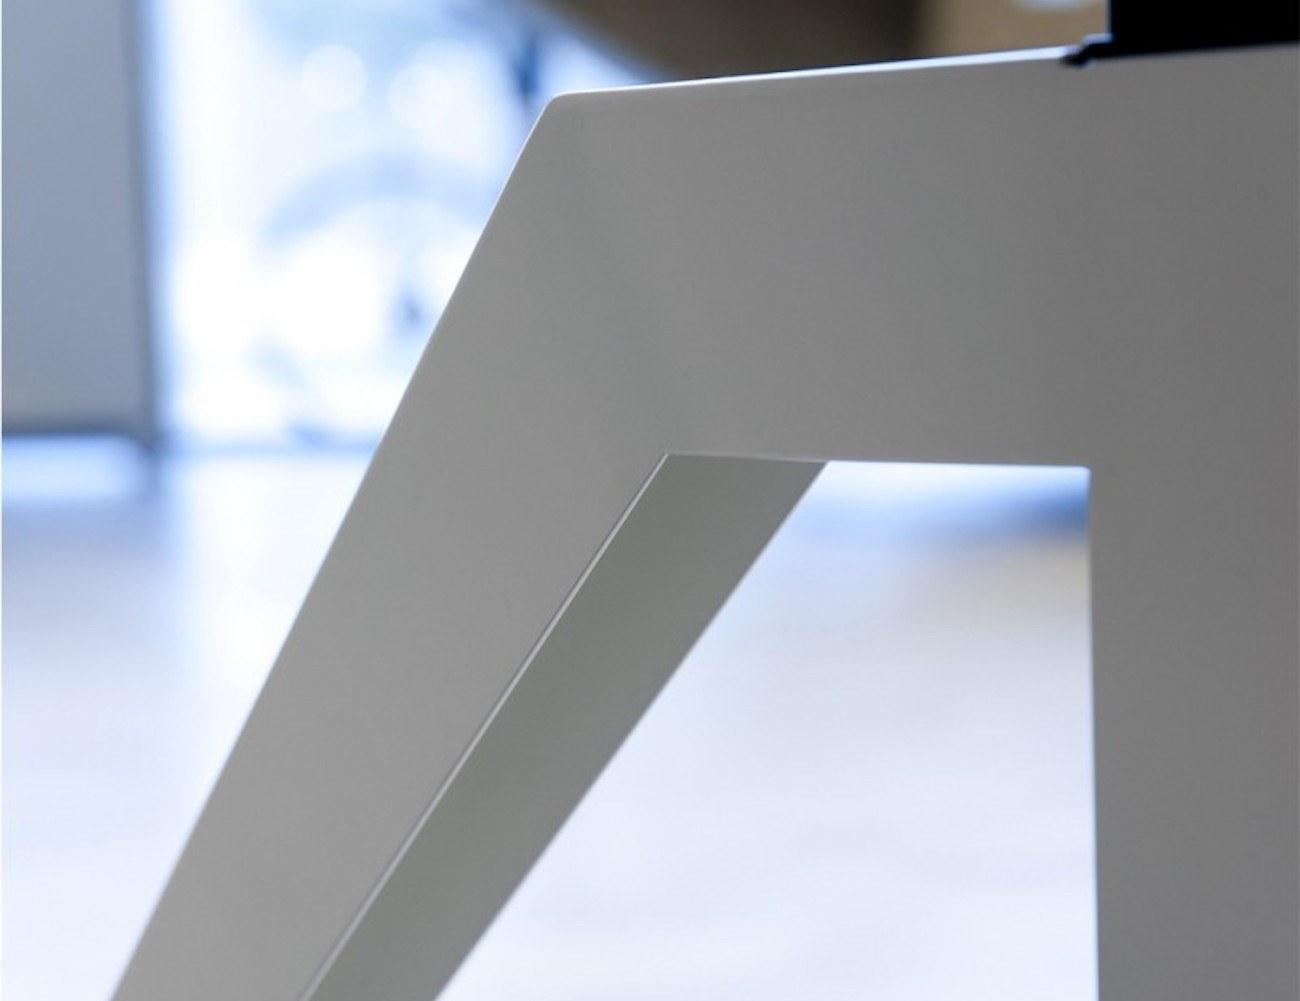 Cabale Modern Workstation Desk